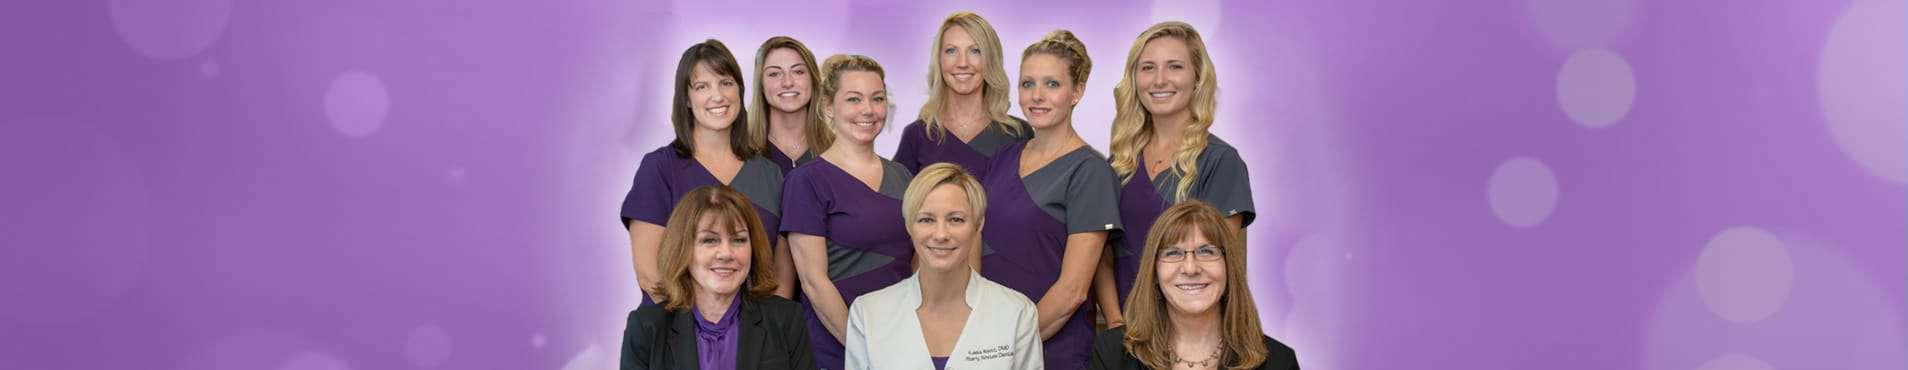 Dental Crowns Dentist Serving Princeton